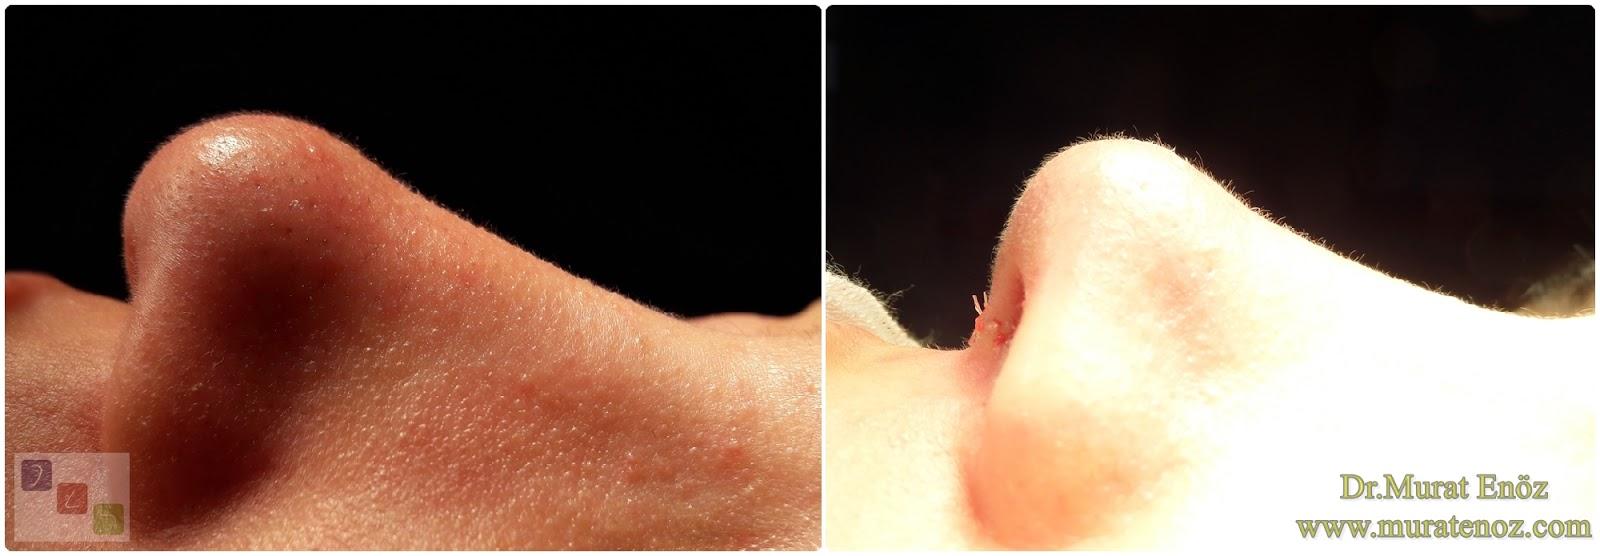 Açık teknik burun ucu estetiği, Burun ucu kaldırma, Burun kaldırma, Burun ucu operasyonu öncesi ve sonrası, Burun ucu düşüklüğü tedavisi, Burun ucu estetiği ameliyatı izle, Burun ucu estetiği öncesi ve sonrası görselleri, Açık teknik burun ucu operasyonu, Nose tip lifting in İstanbul, Nose tip plasty operation in İstanbul, Tip plasty in İstanbul, Nose tip reshaping in İstanbul, Nose tip surgery in Turkey, Open technique tip plasty operation in İstanbul, Burun ucu estetiği Bakırköy. Burun ucu küçültme, Burun ucu daraltma